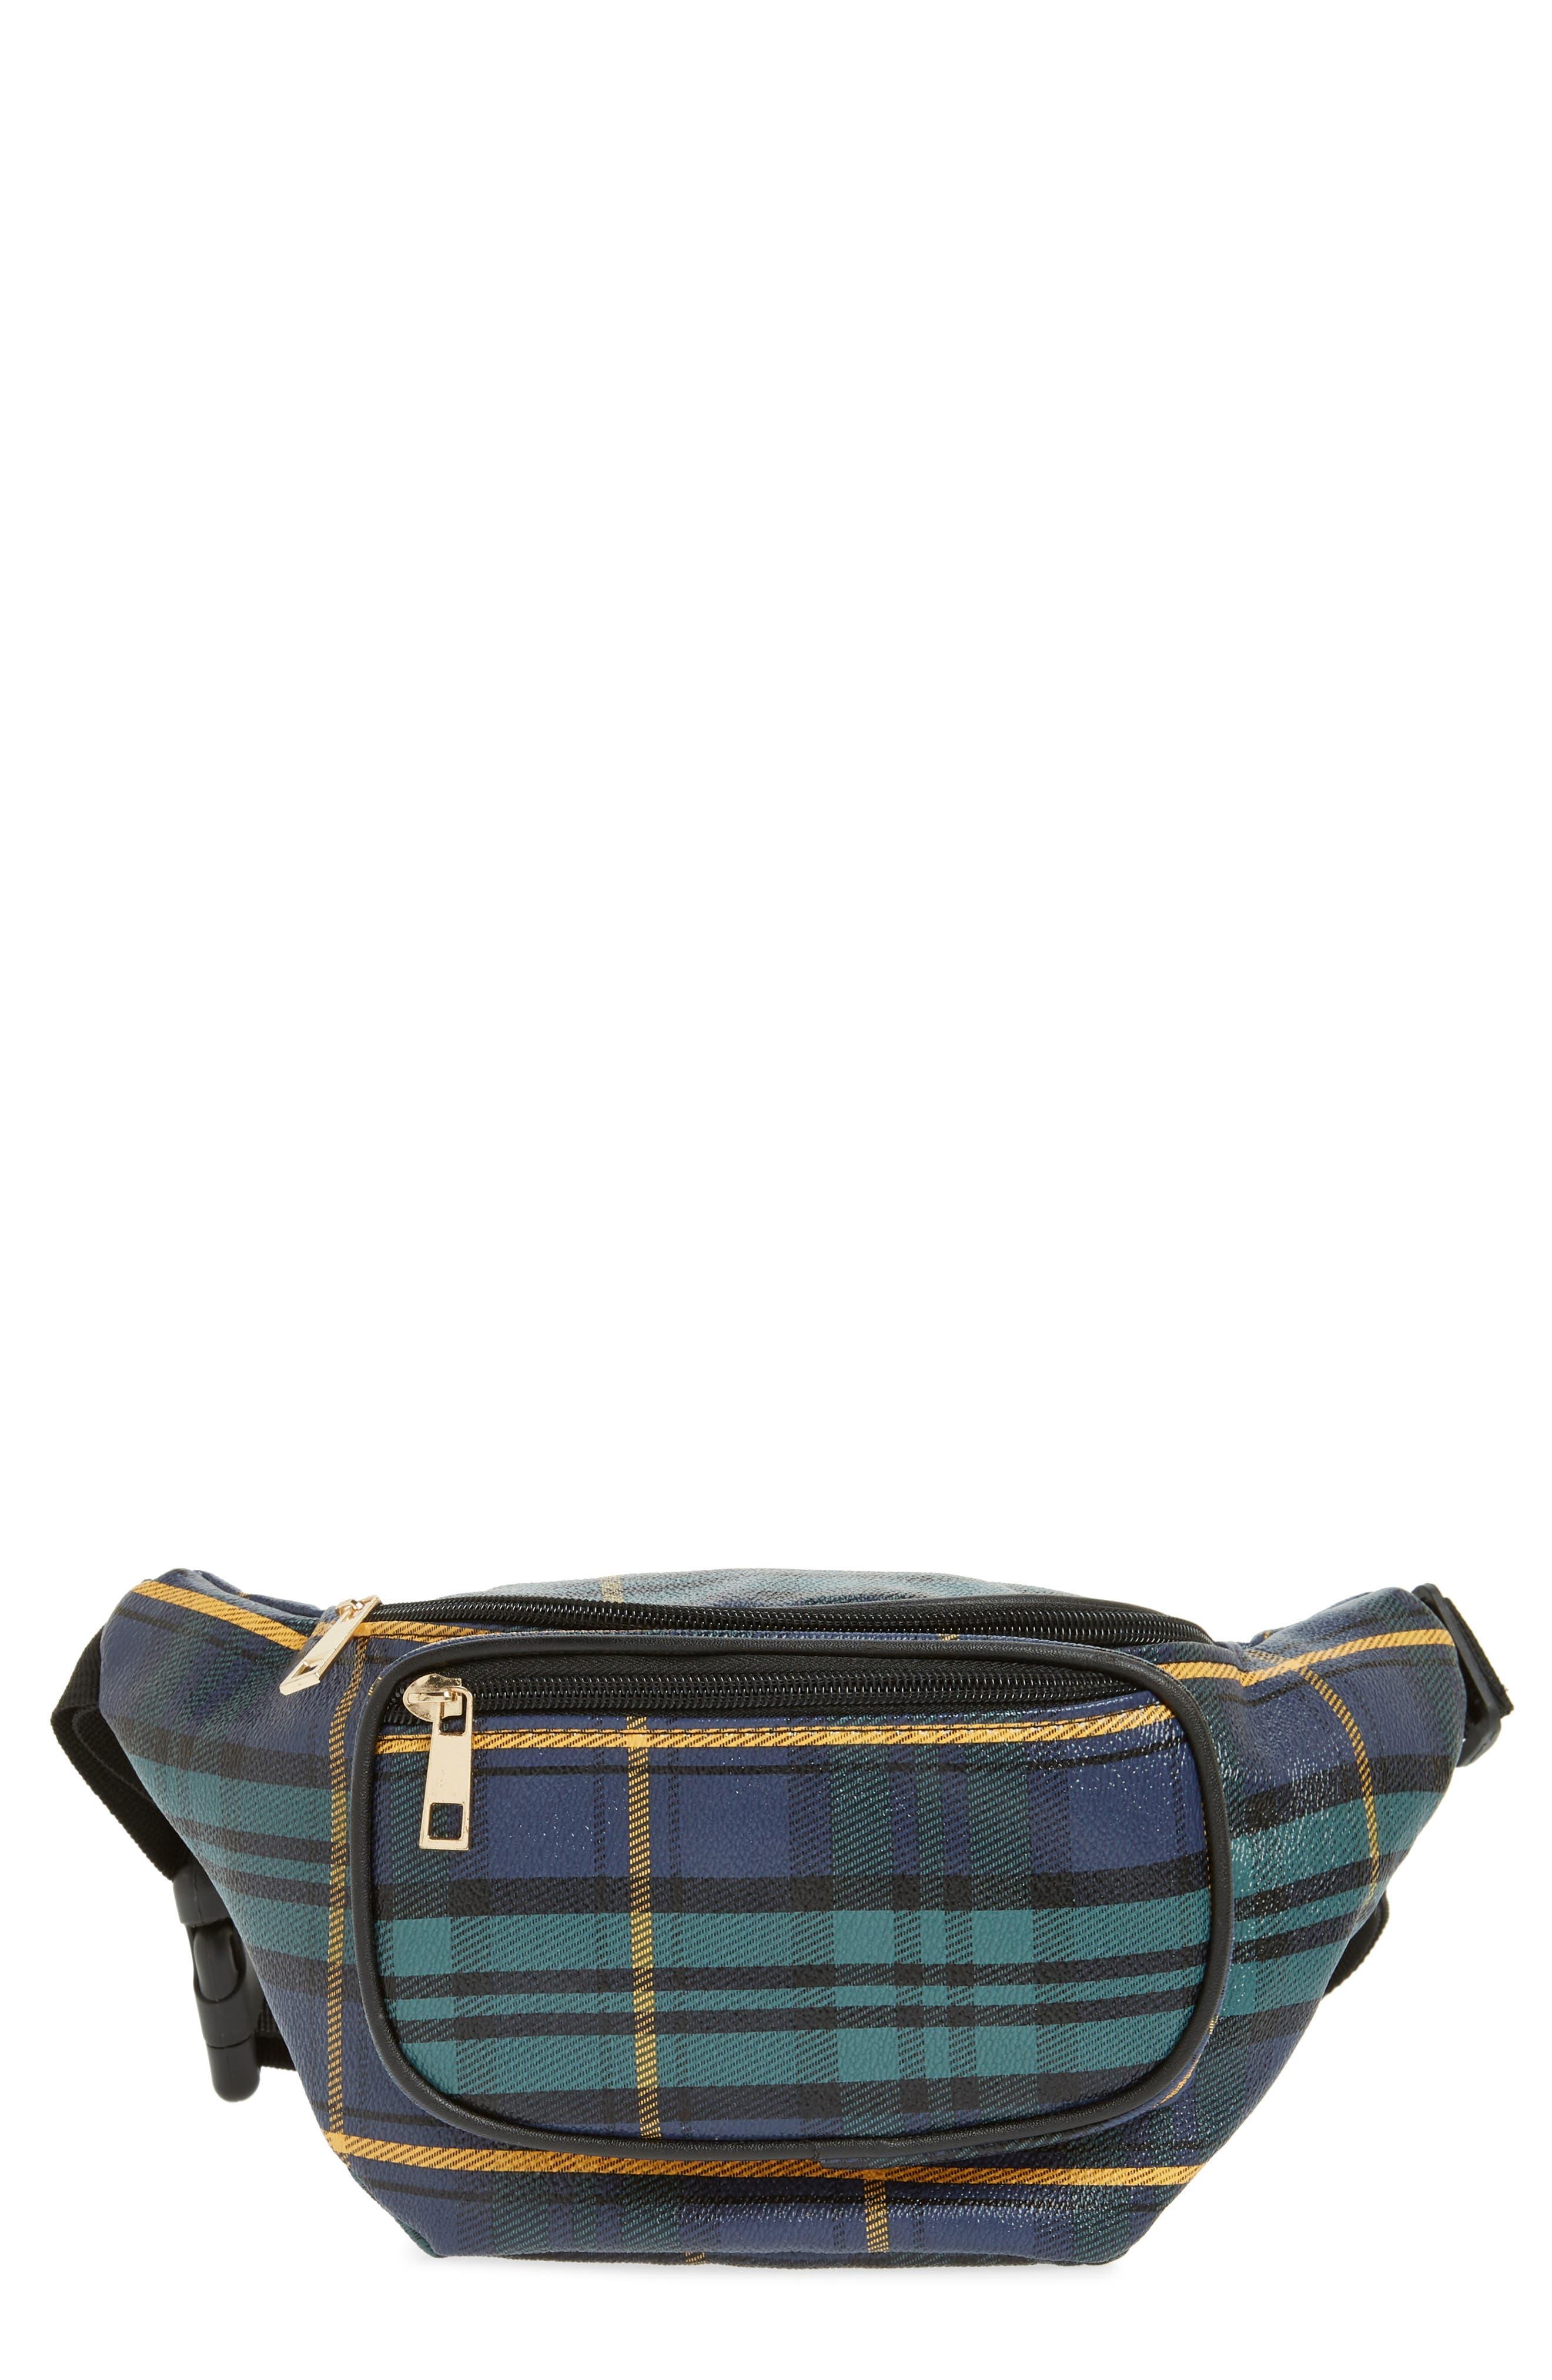 Jane & Berry Plaid Belt Bag,                             Main thumbnail 1, color,                             300